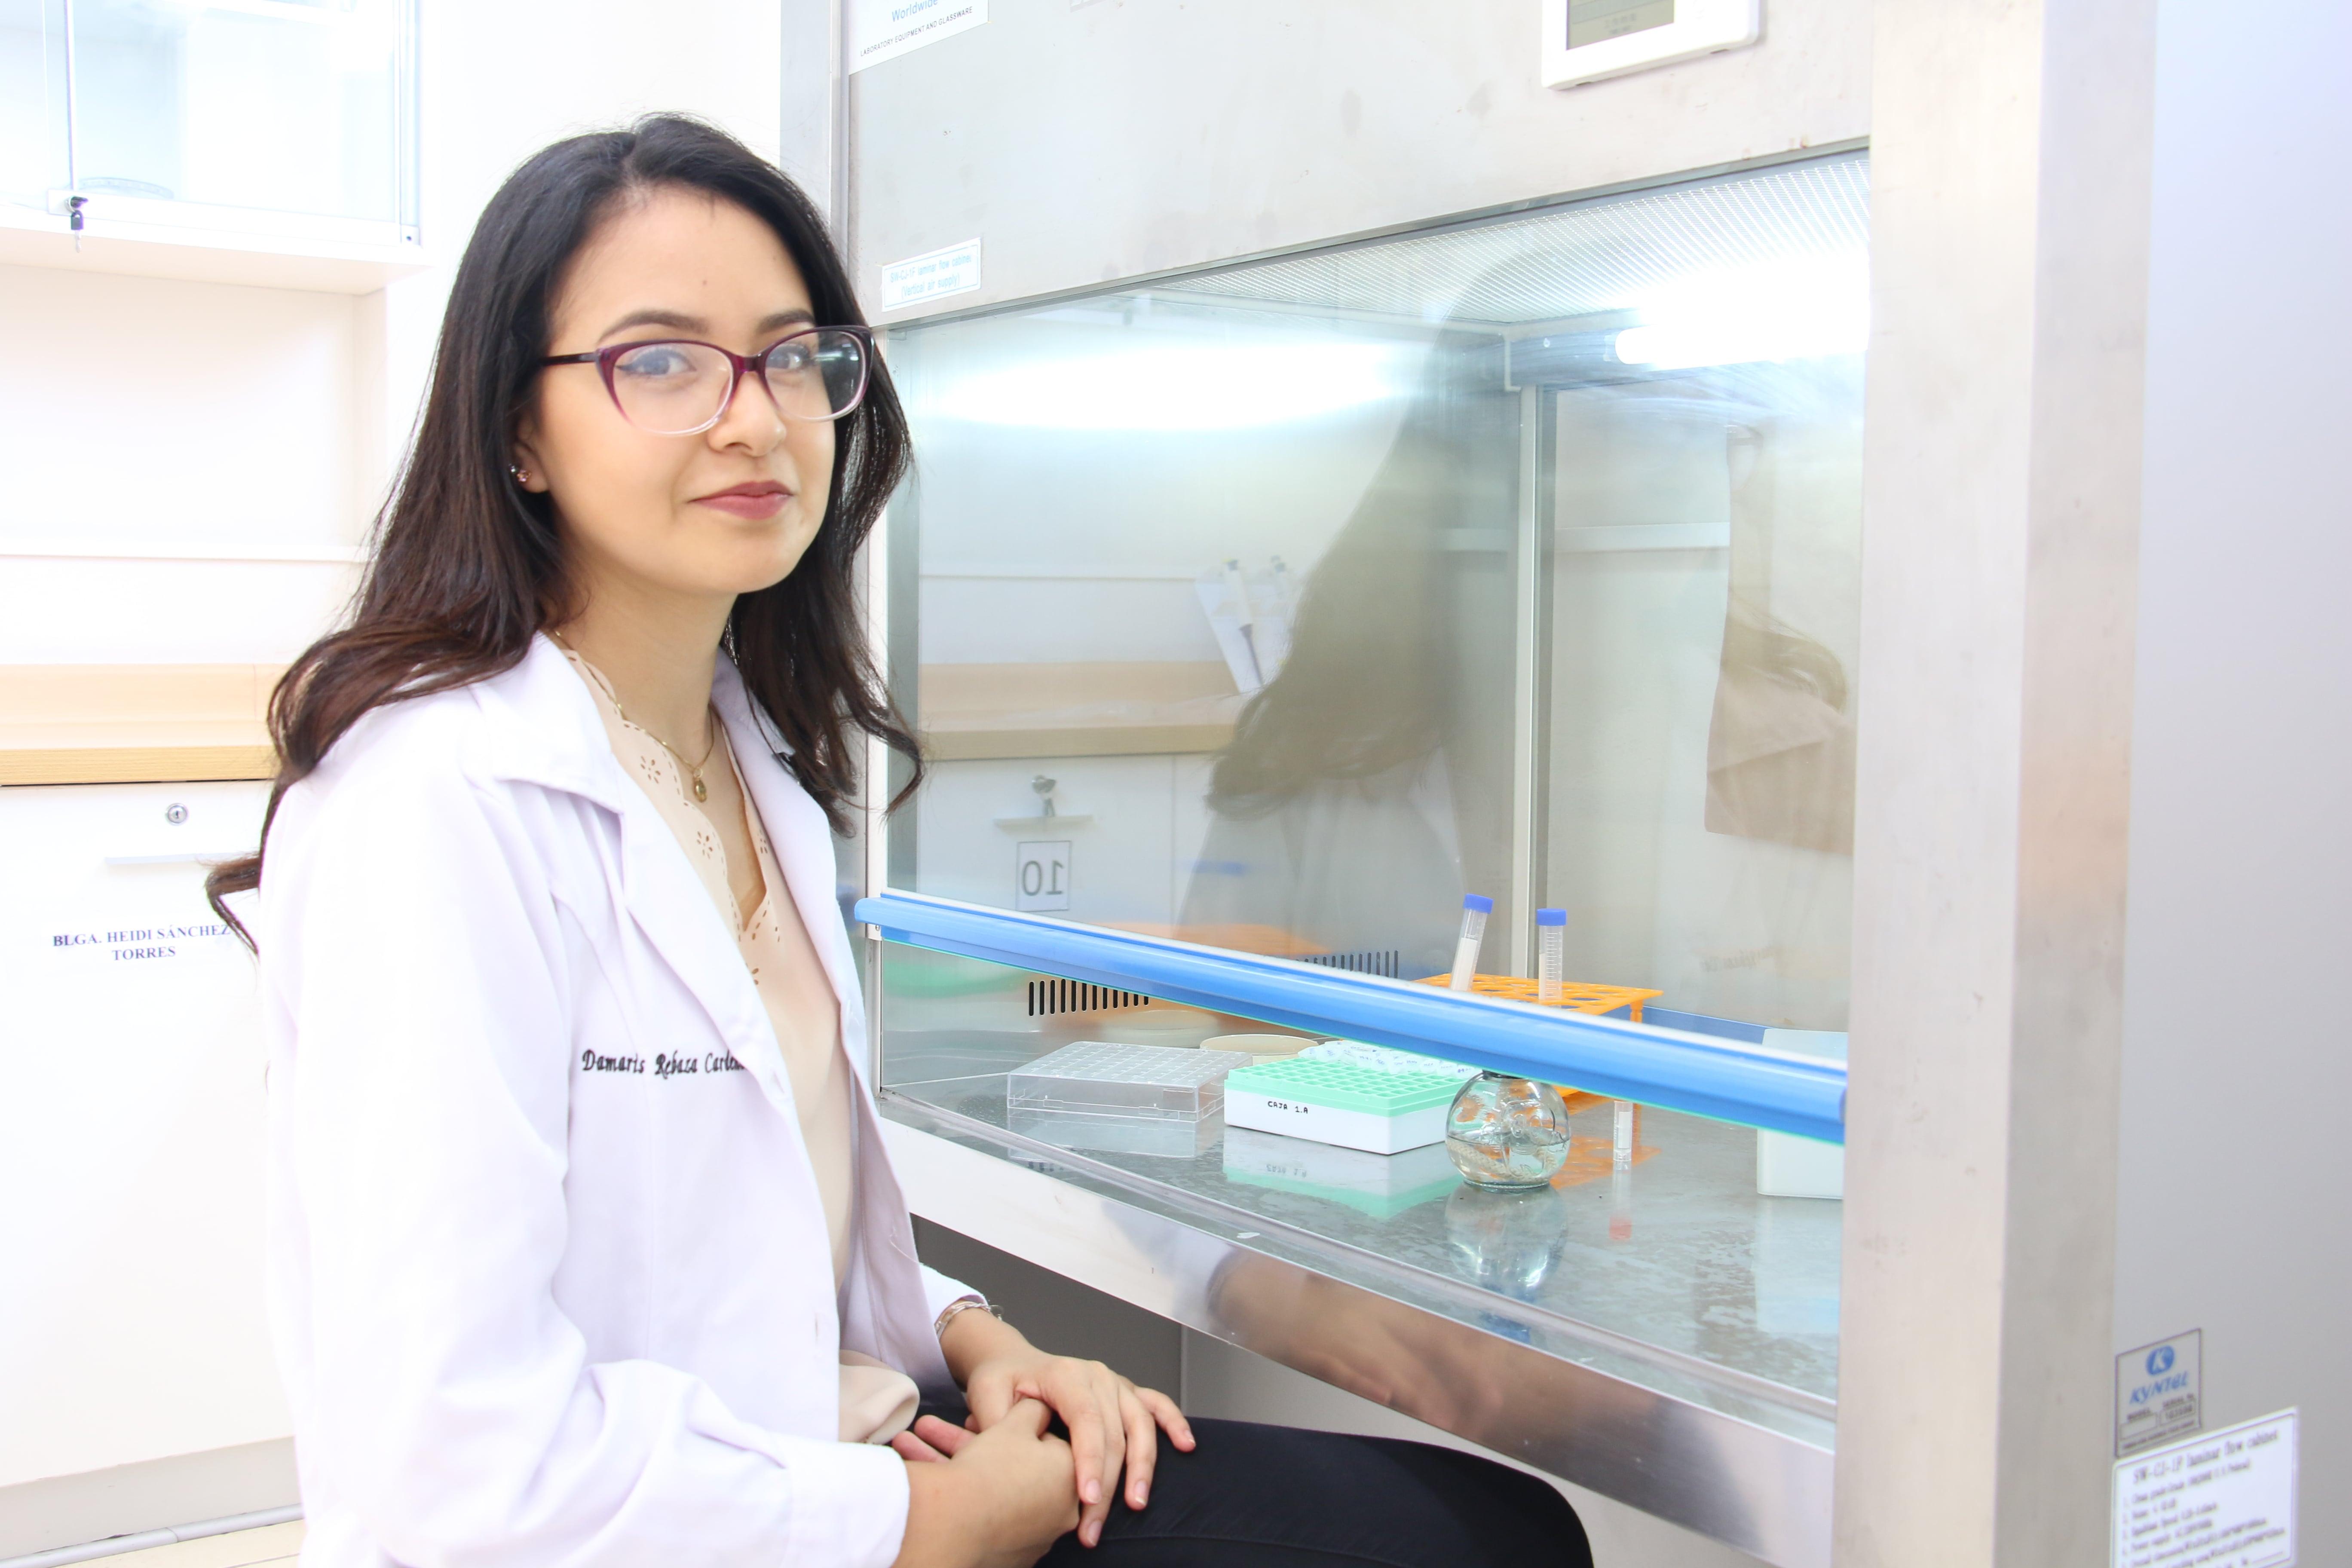 ProInfant de la UCSS busca contribuir en el desarrollo de alimentos probióticos destinados a poblaciones infantiles con problemas de desnutrición